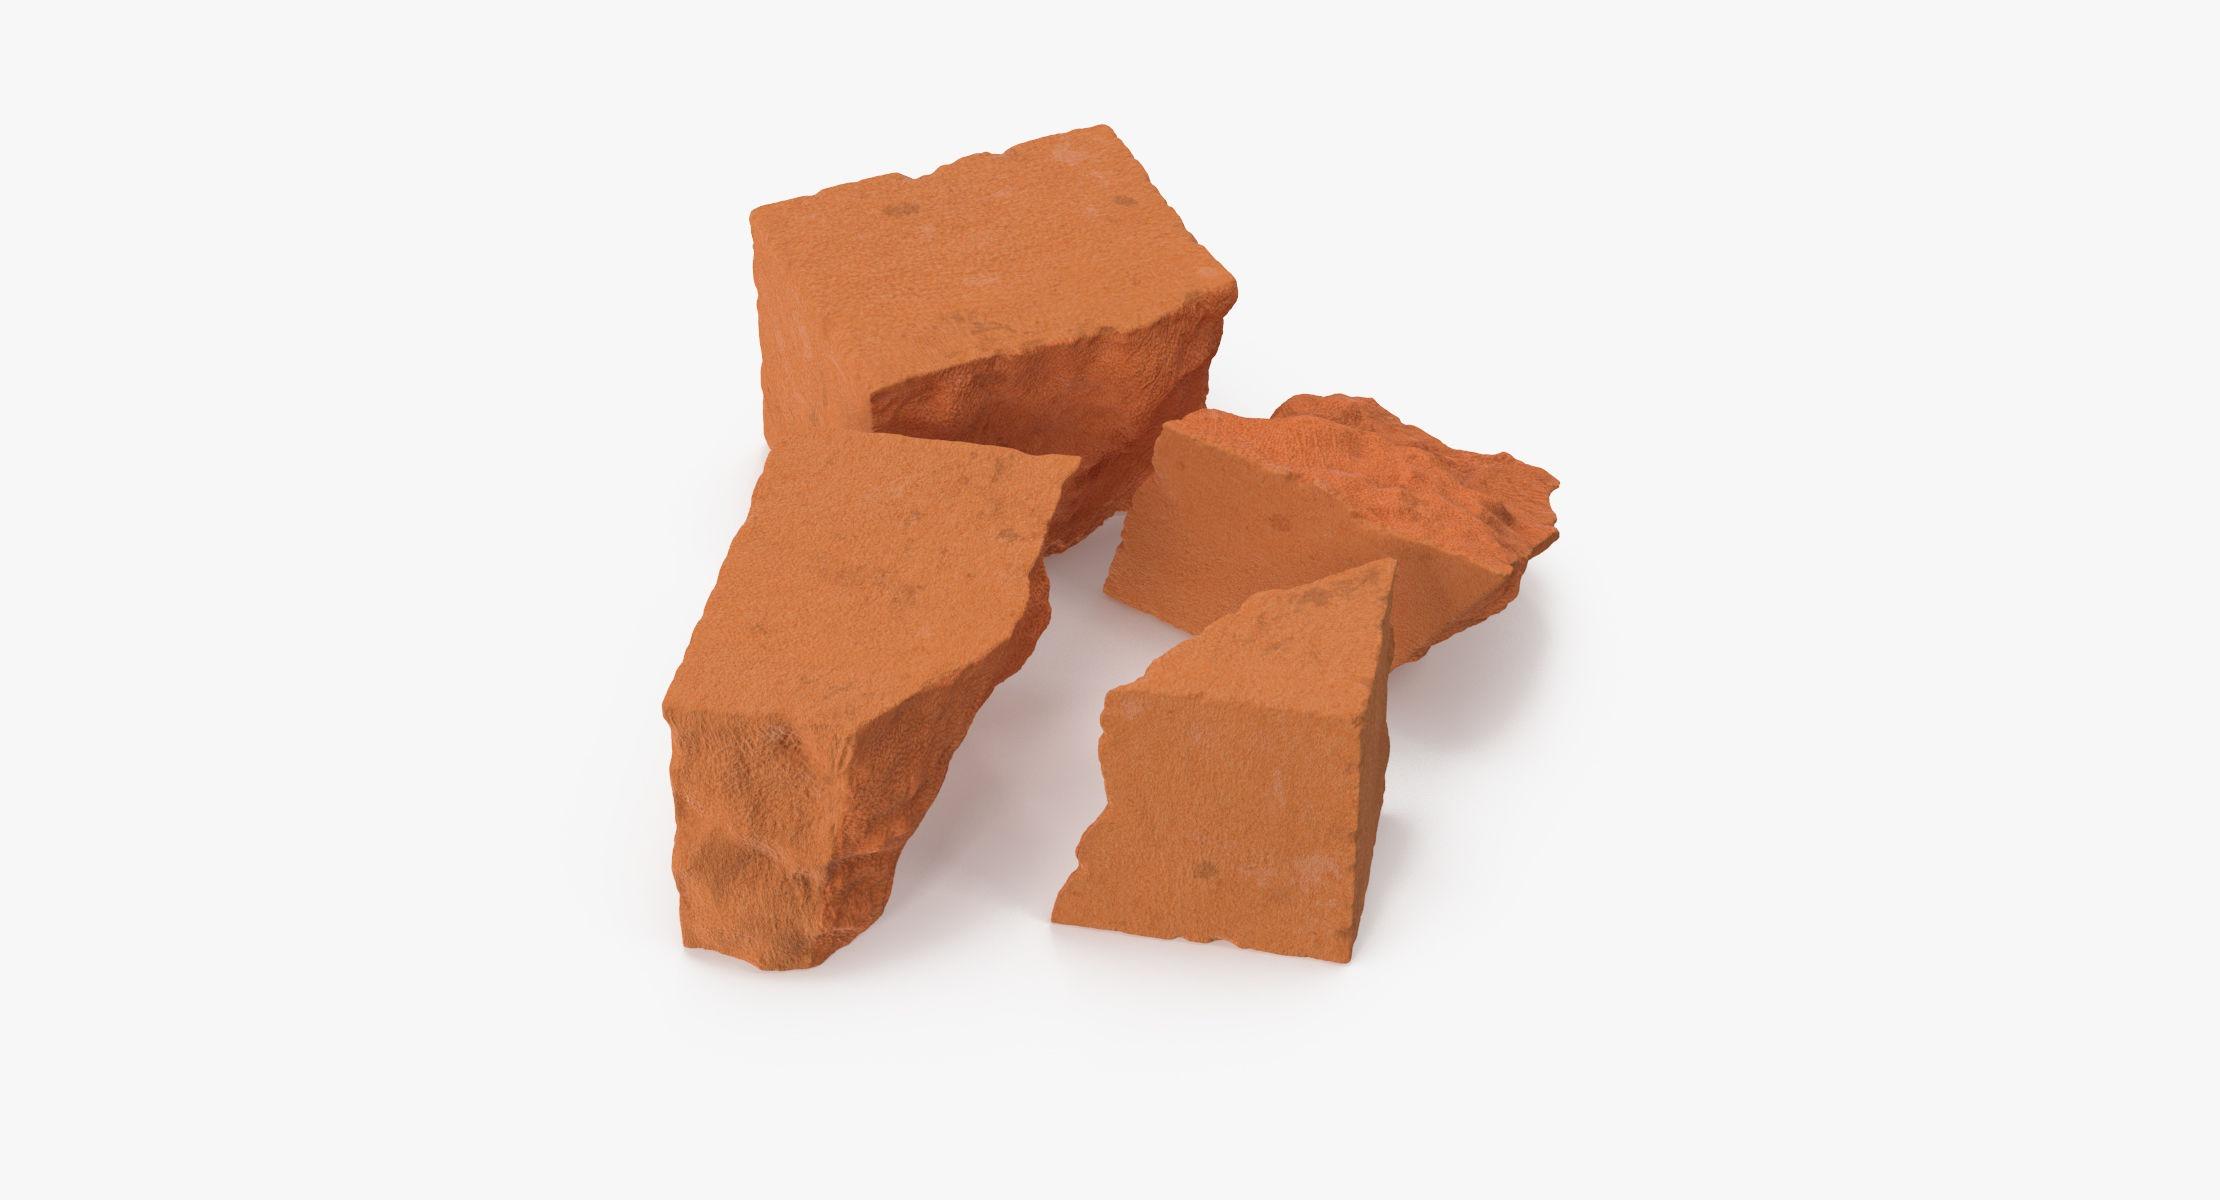 Bricks Broken 02 - reel 1